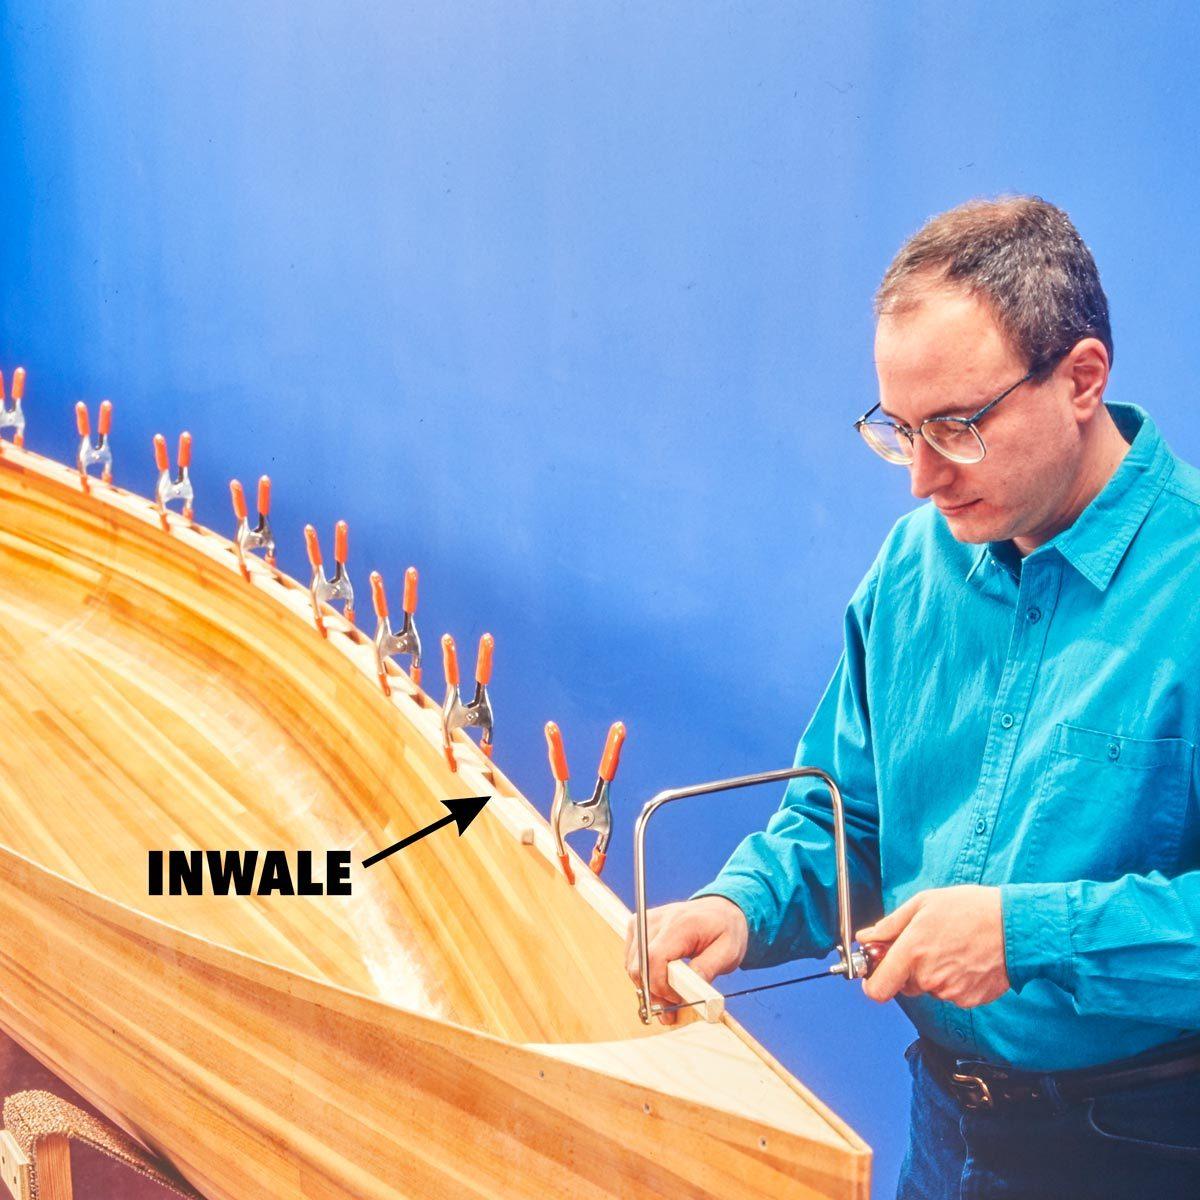 INWALE